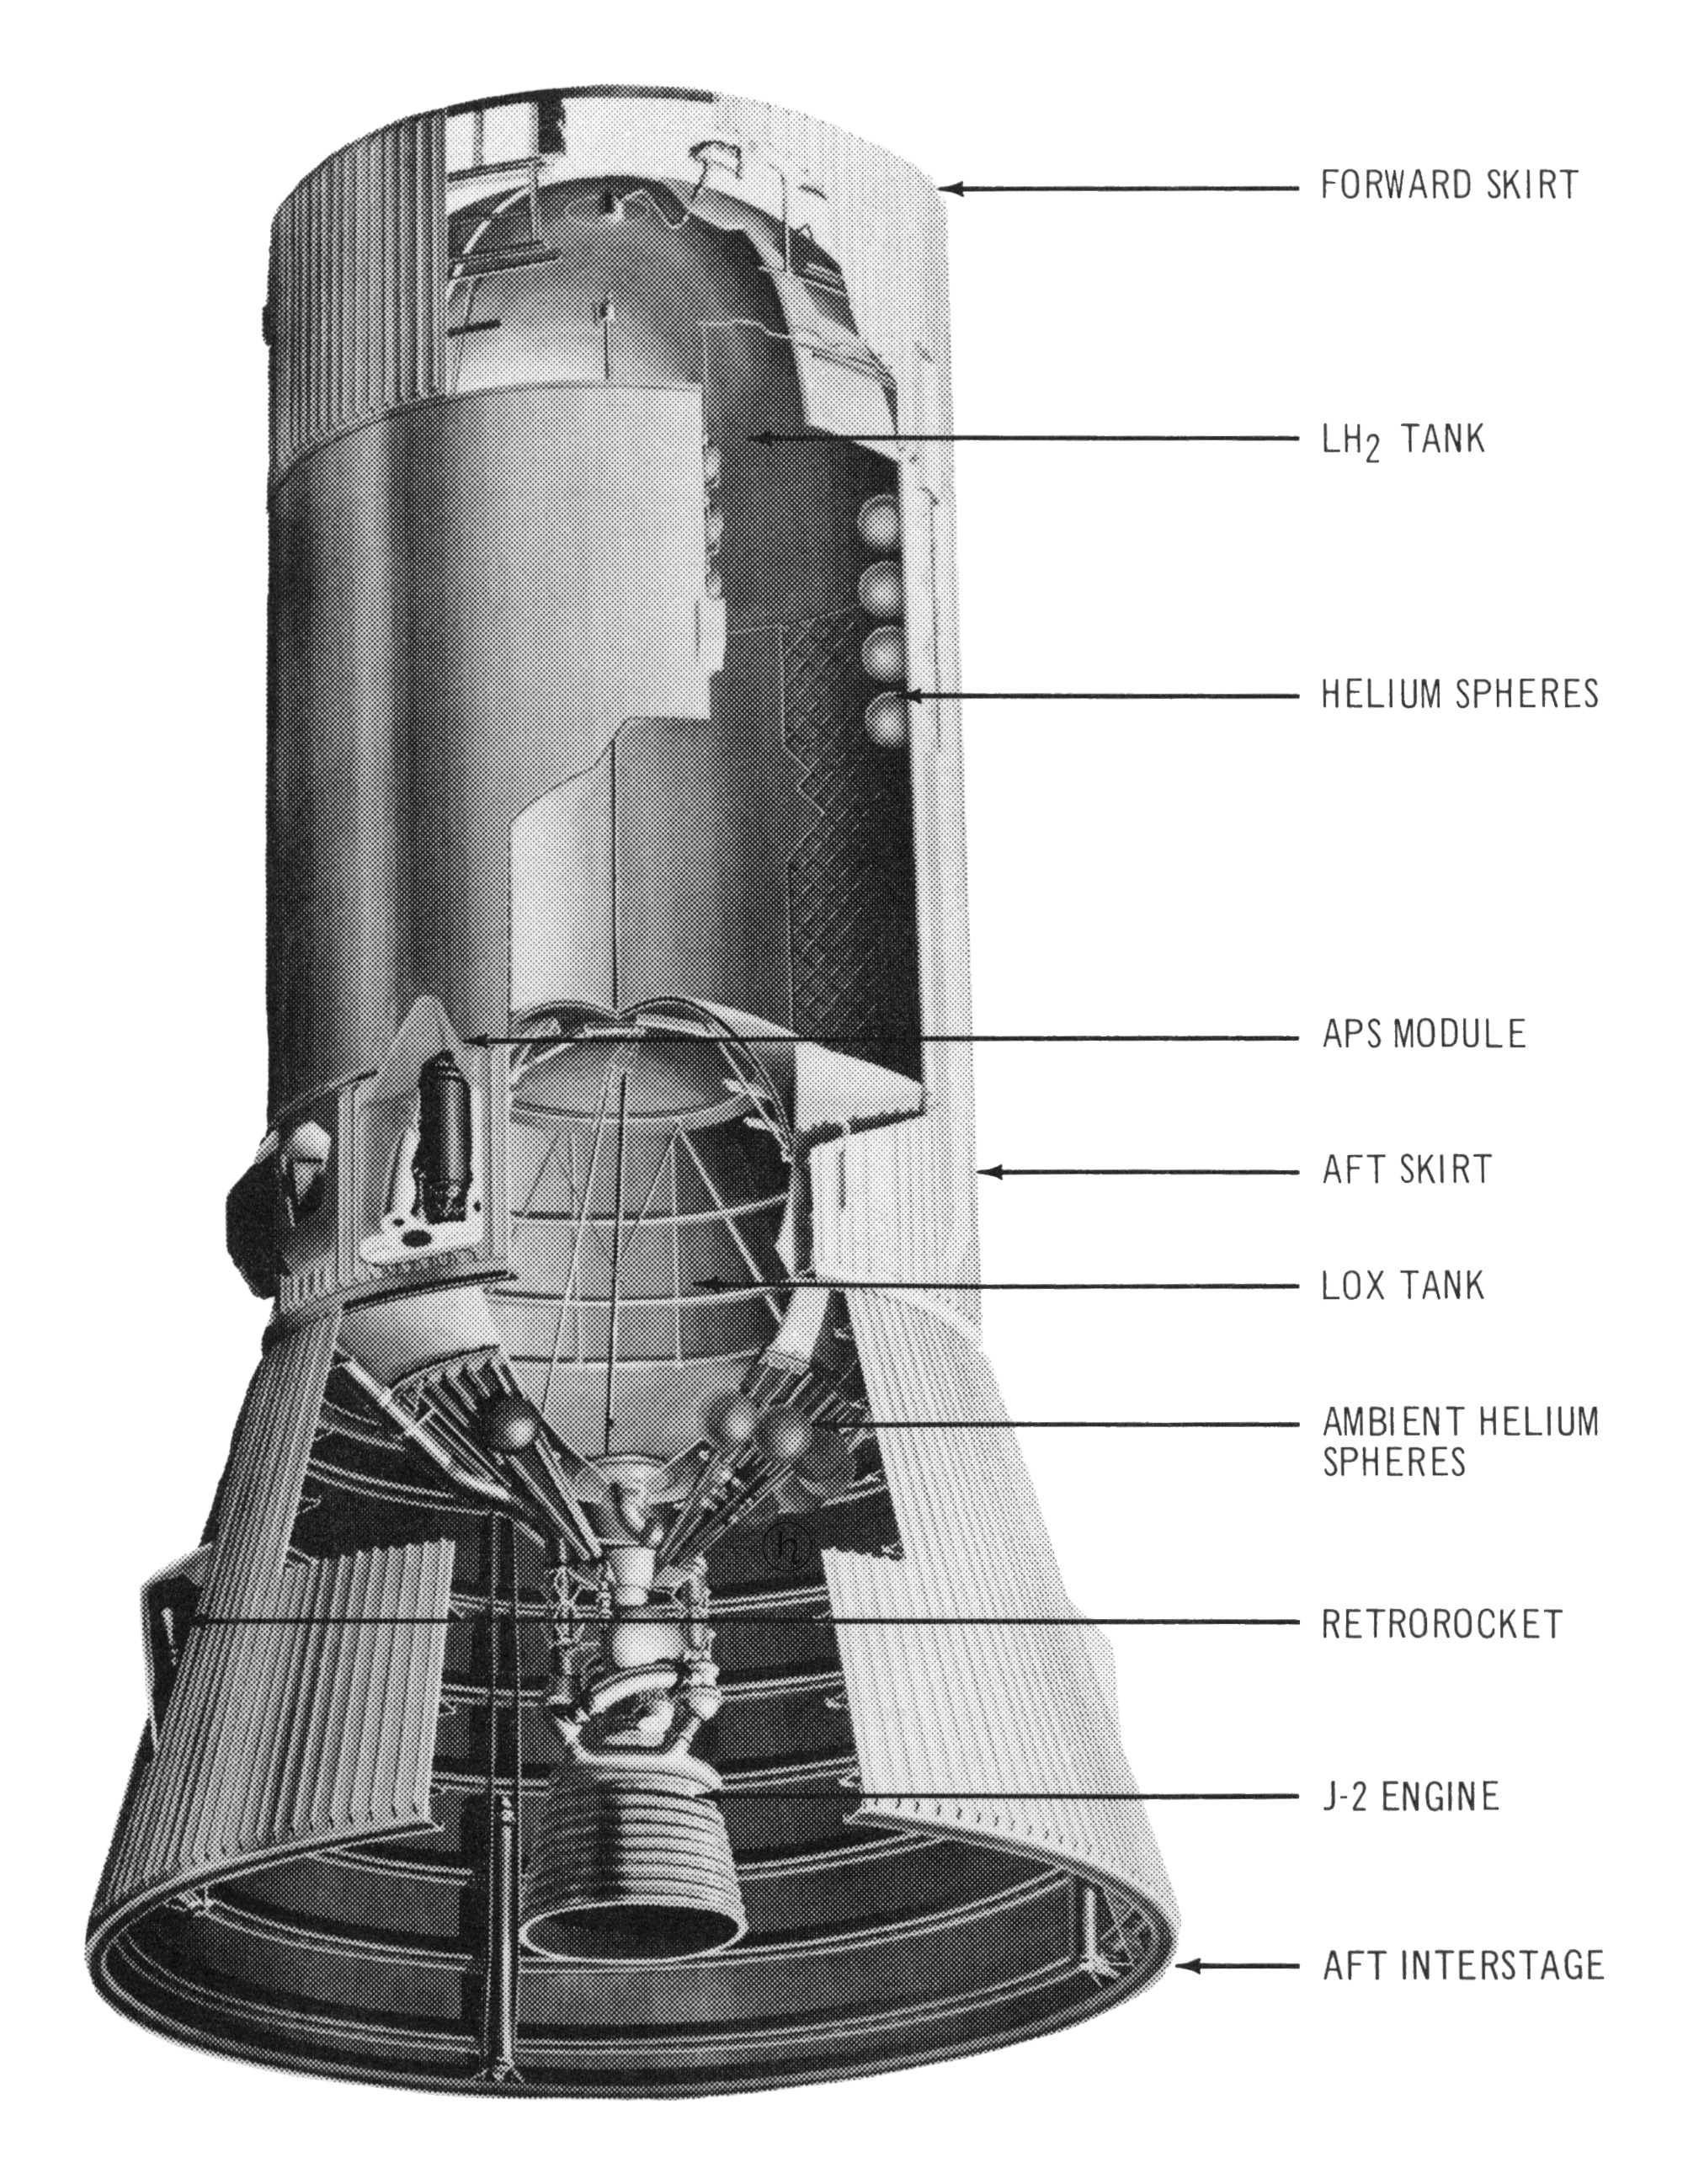 S-IVB (Saturn V) Overview